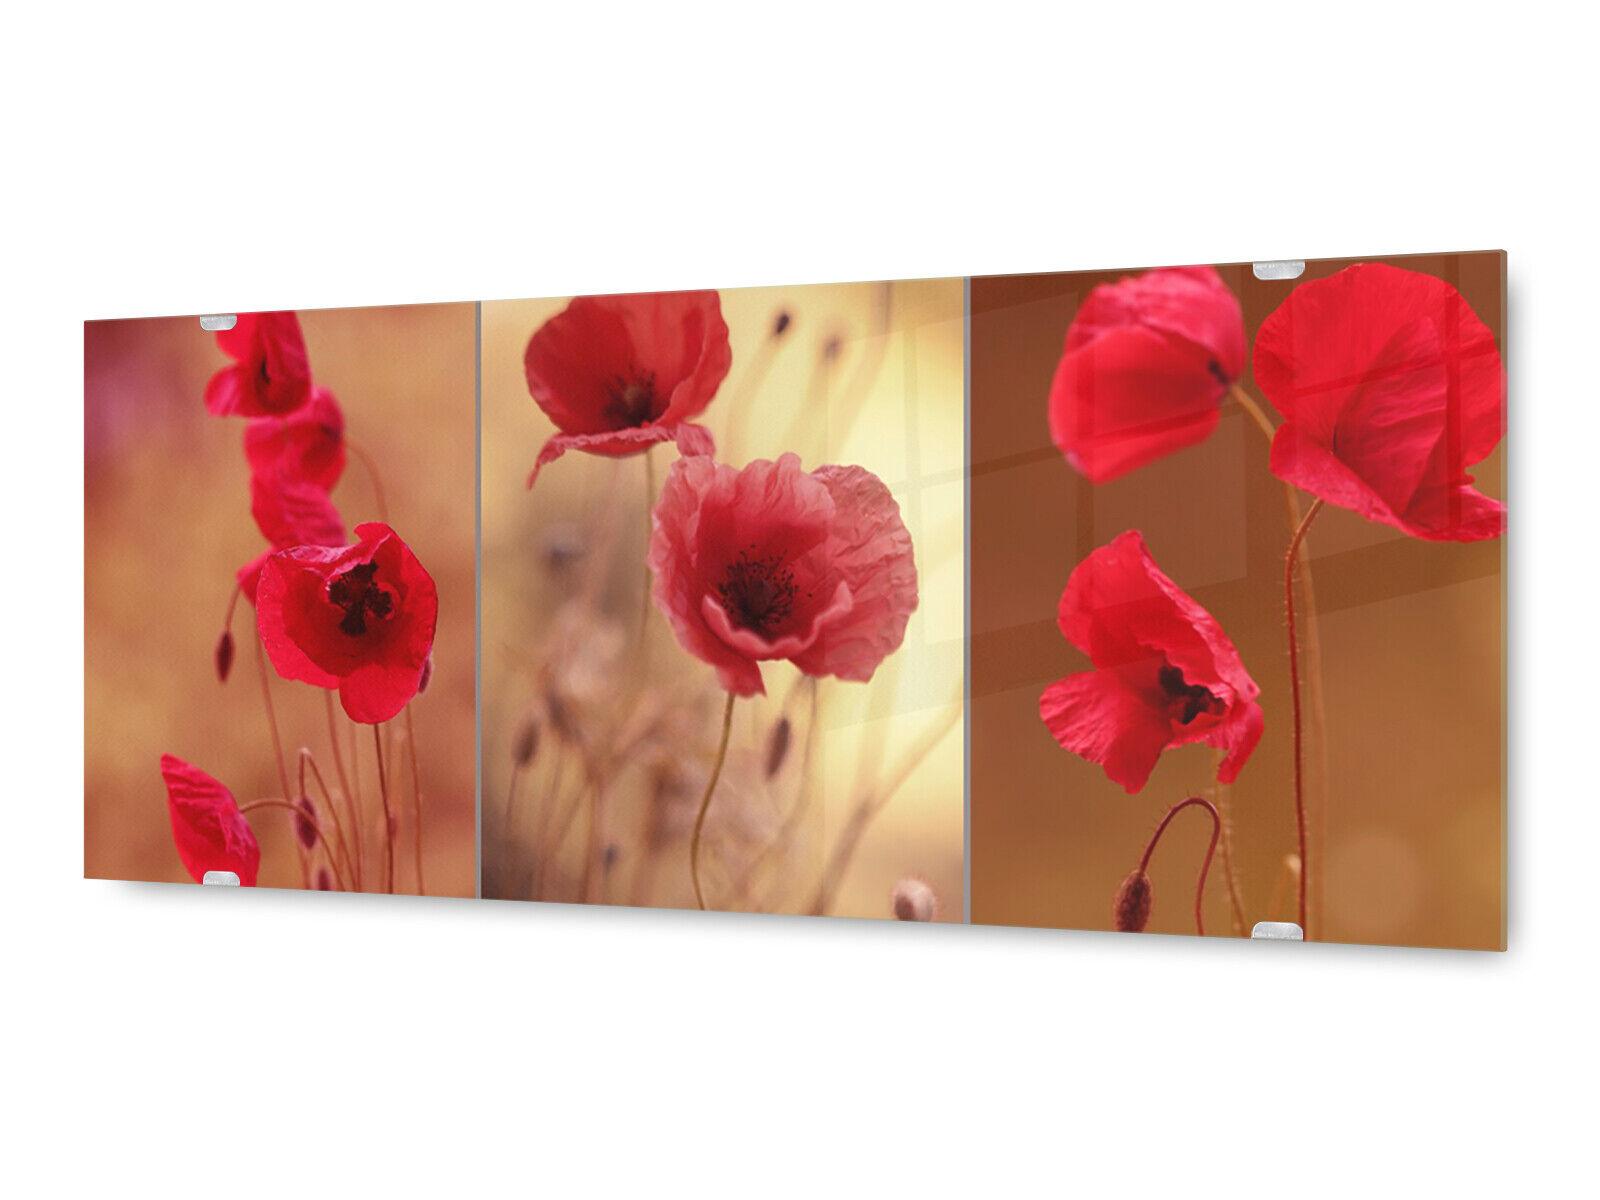 Glasbild Wandbild GLX12579208994 Collage Blüten  MohnBlaume 125 x 50cm